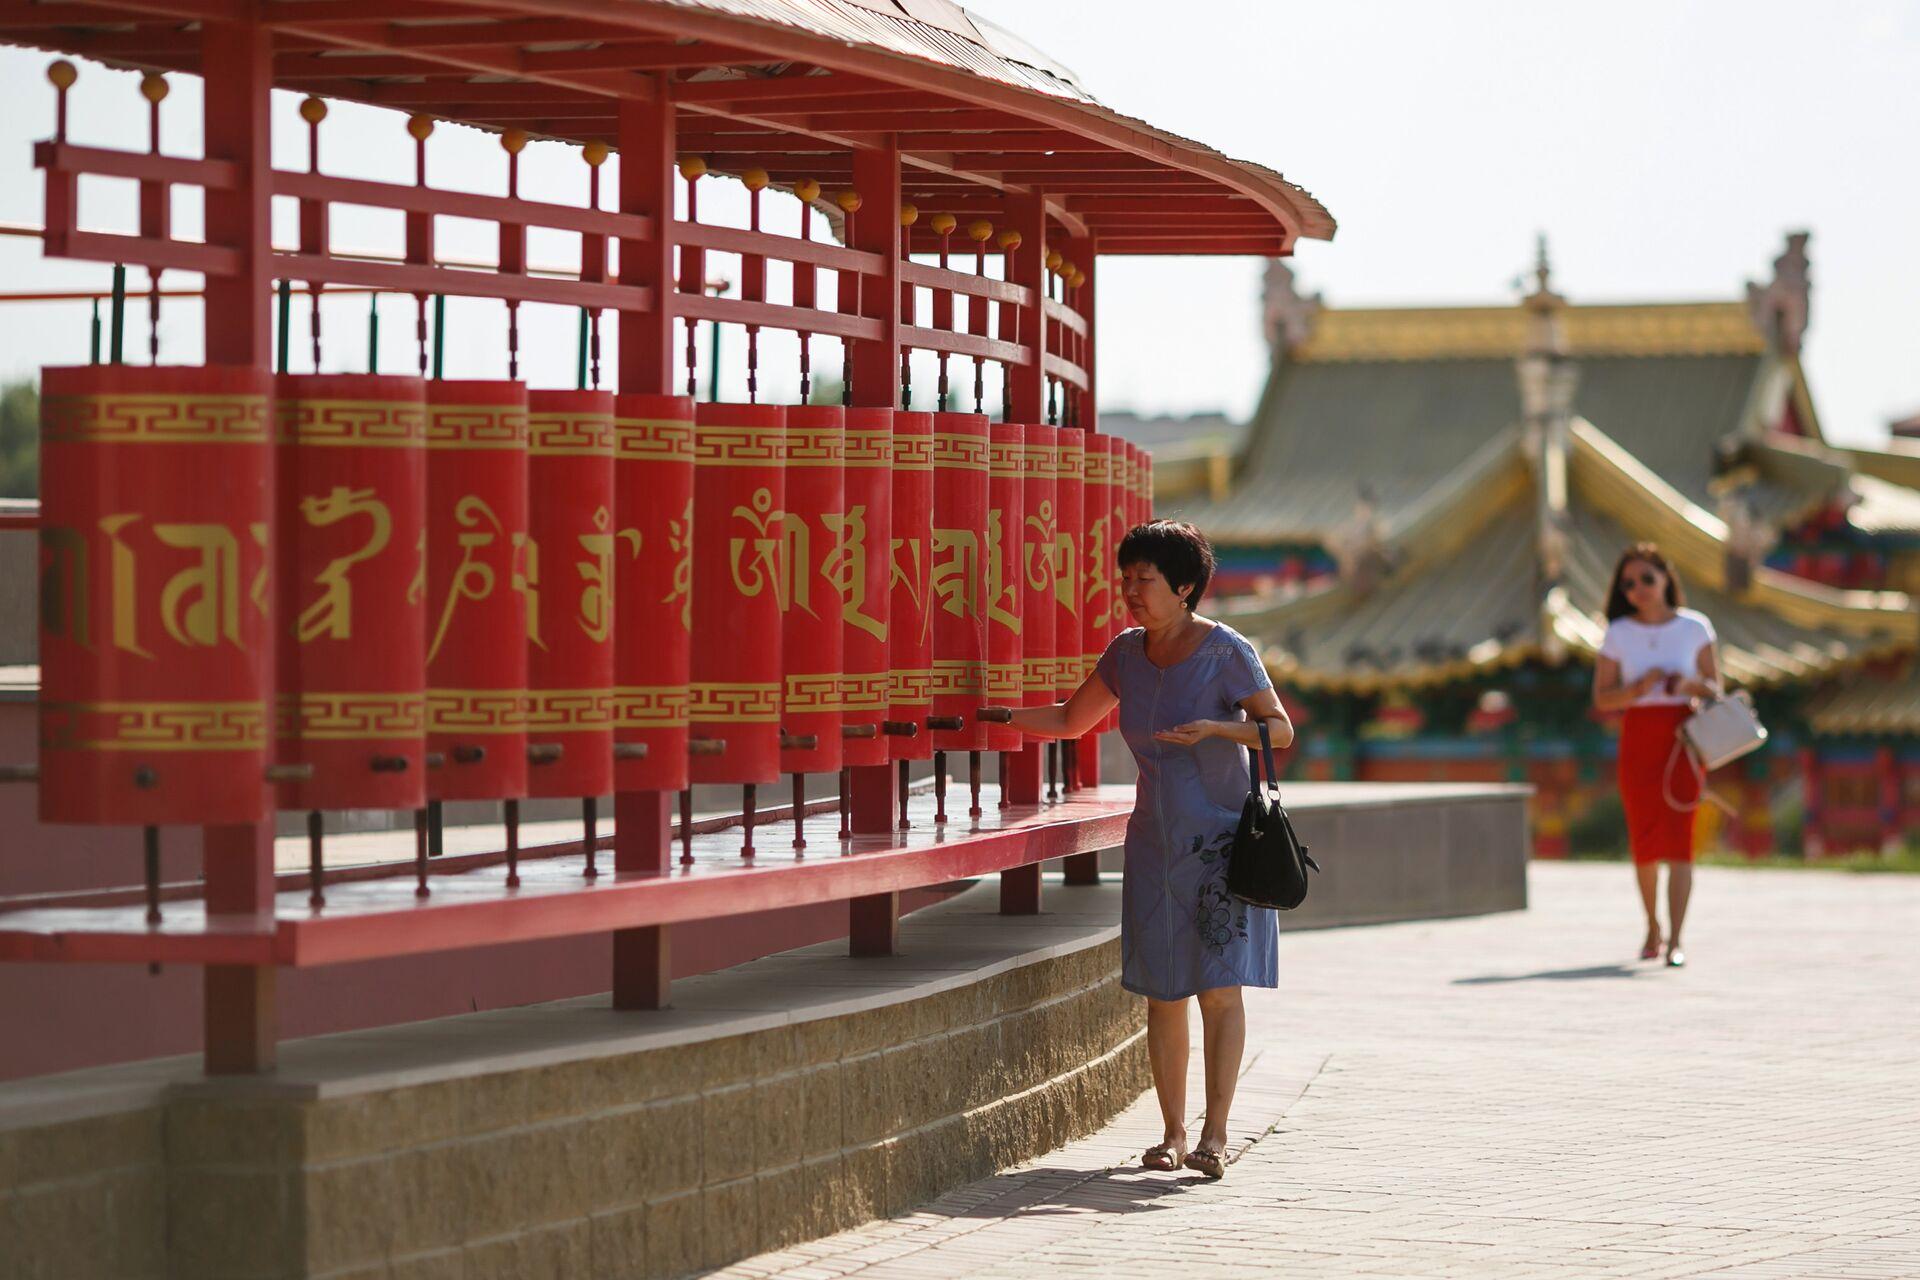 Молитвенные барабаны кюрде, расположенные вокруг Центрального хурула (буддийского храма) Золотая обитель Будды Шакьямуни в городе Элисте - ПРОФИ Новости, 1920, 20.09.2020